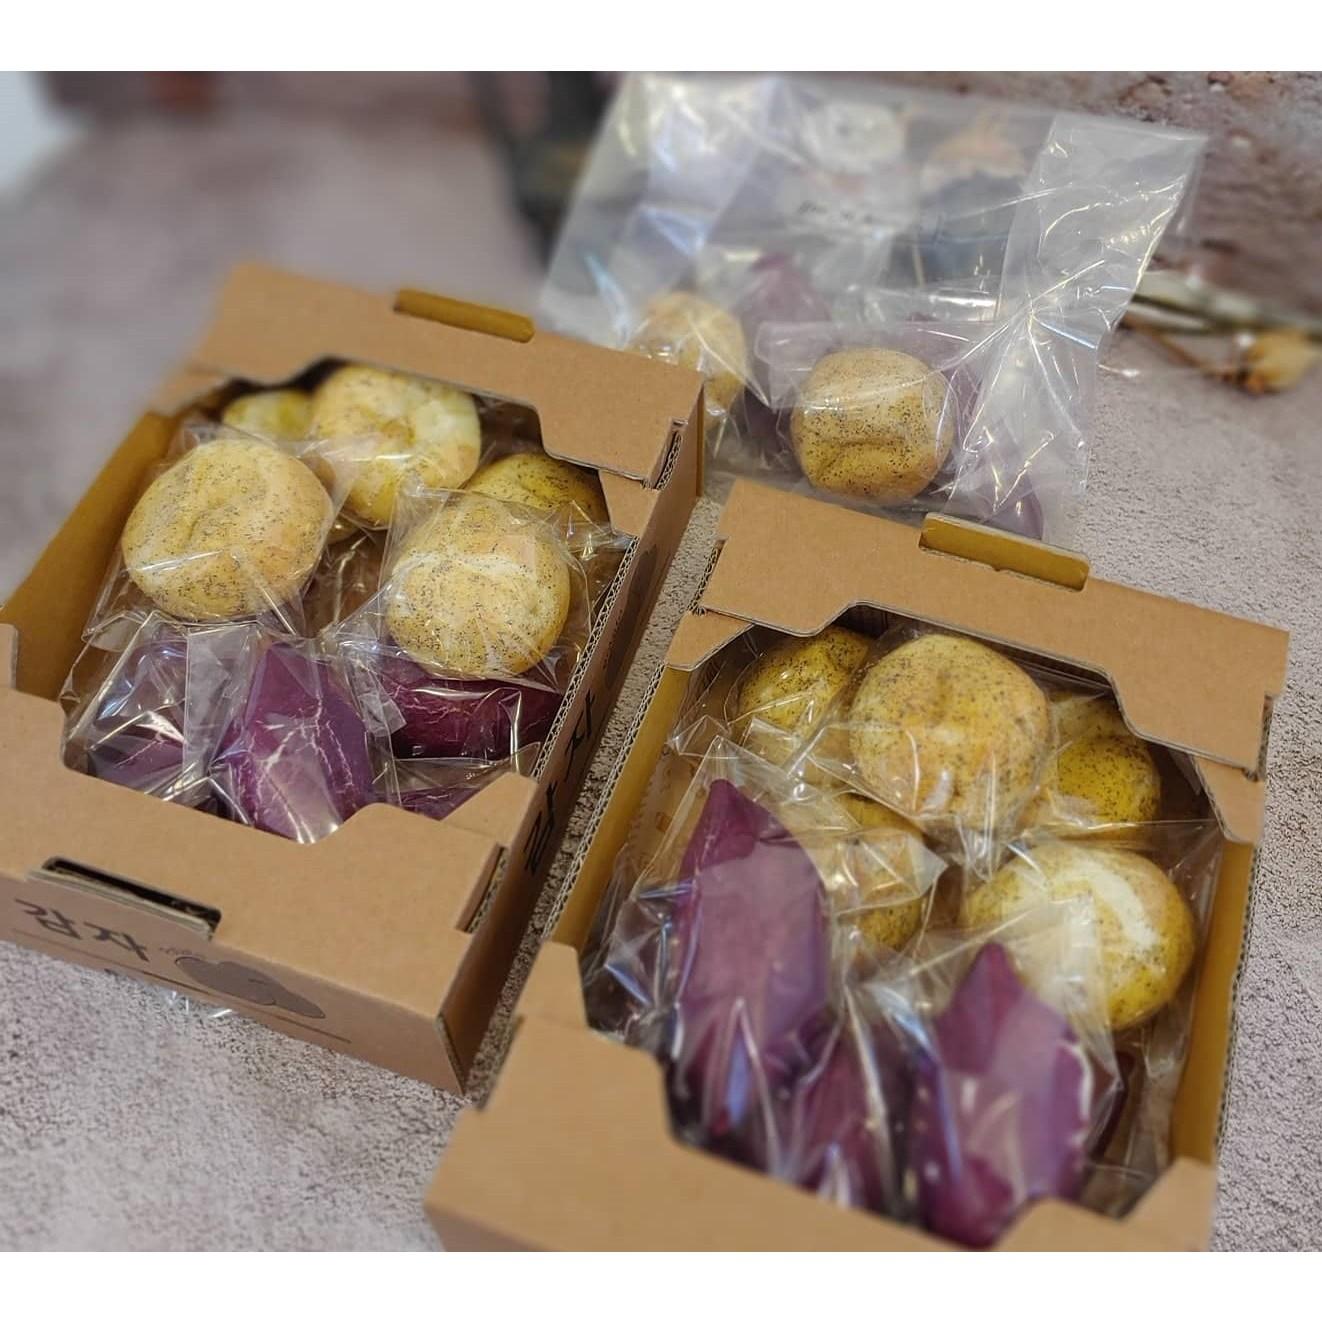 NO밀가루 색소 아이들 간식과 다이어트에 좋은 해남고구마빵 감자빵, 8개, 고구마빵